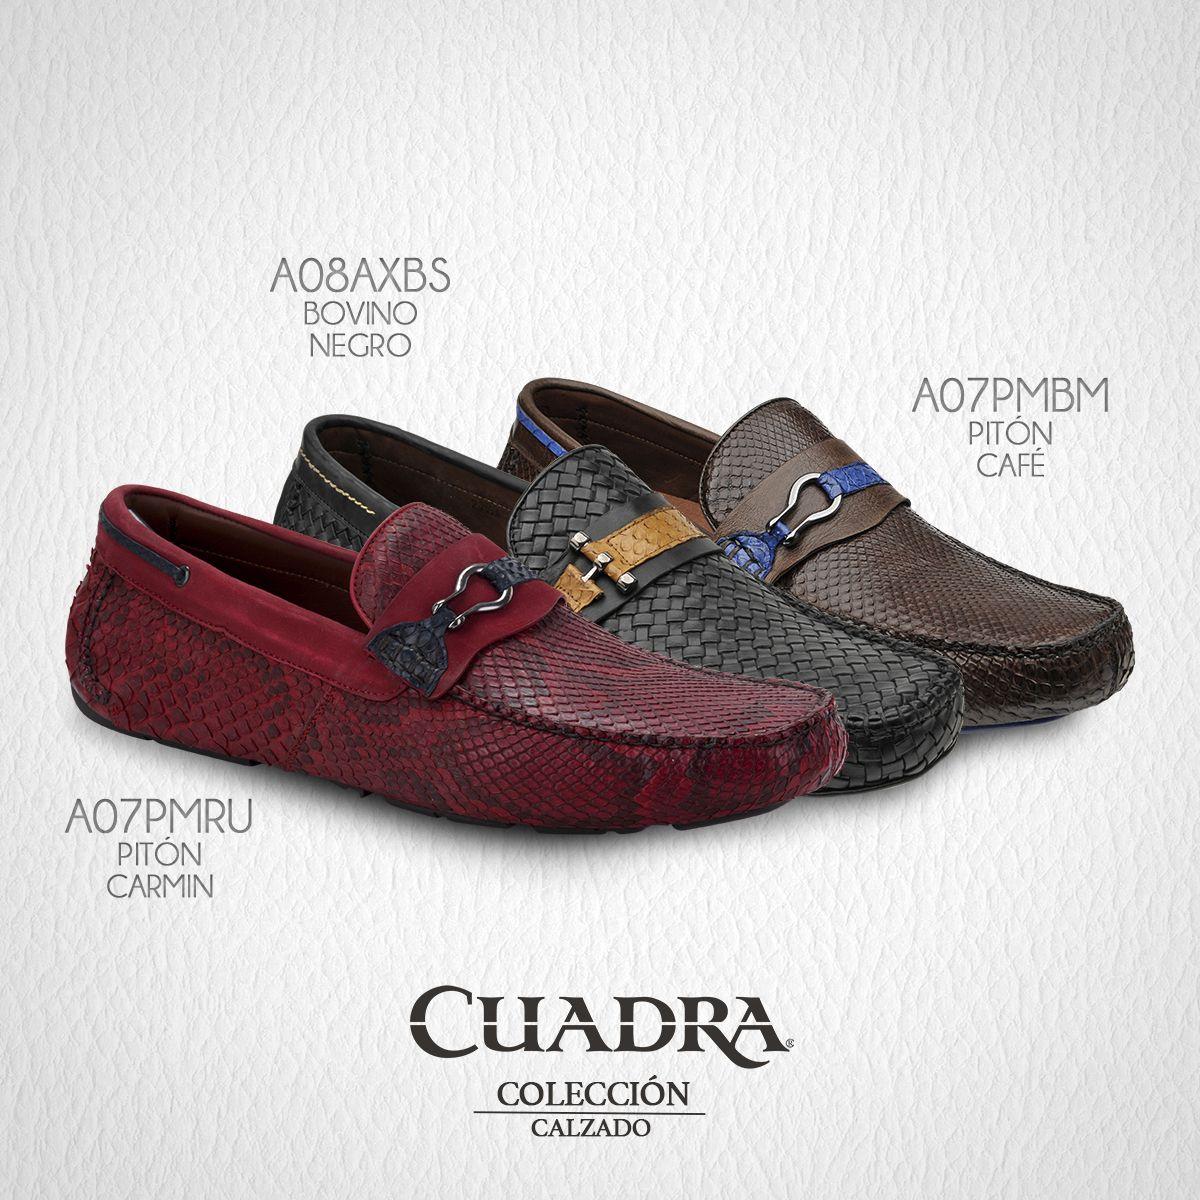 2c86812d464 La máxima combinación entre casual y elegante.  CUADRA  Shoes  Leather   Zapatos…